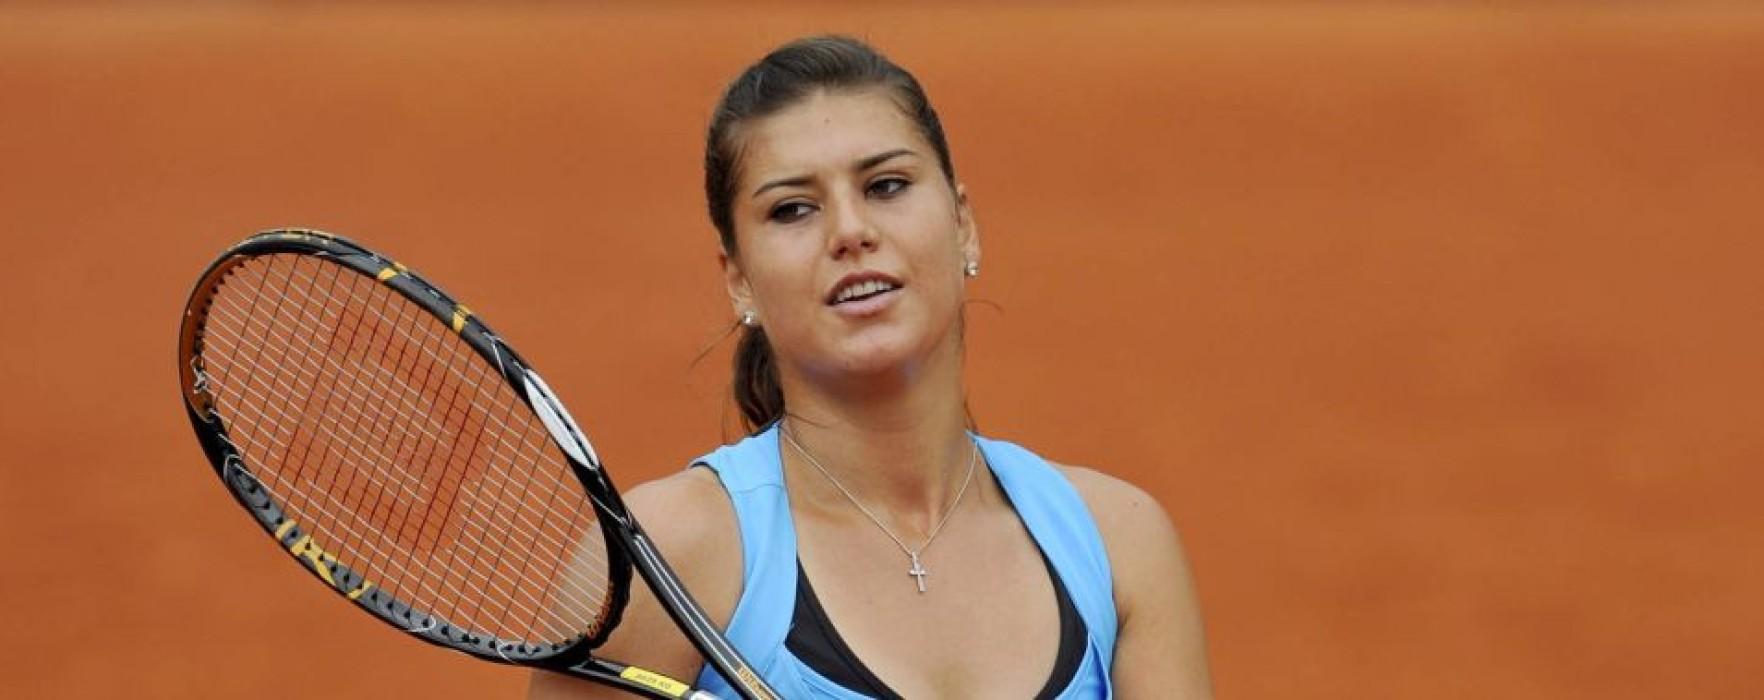 Sorana Cîrstea, învinsă în primul tur la Australian Open